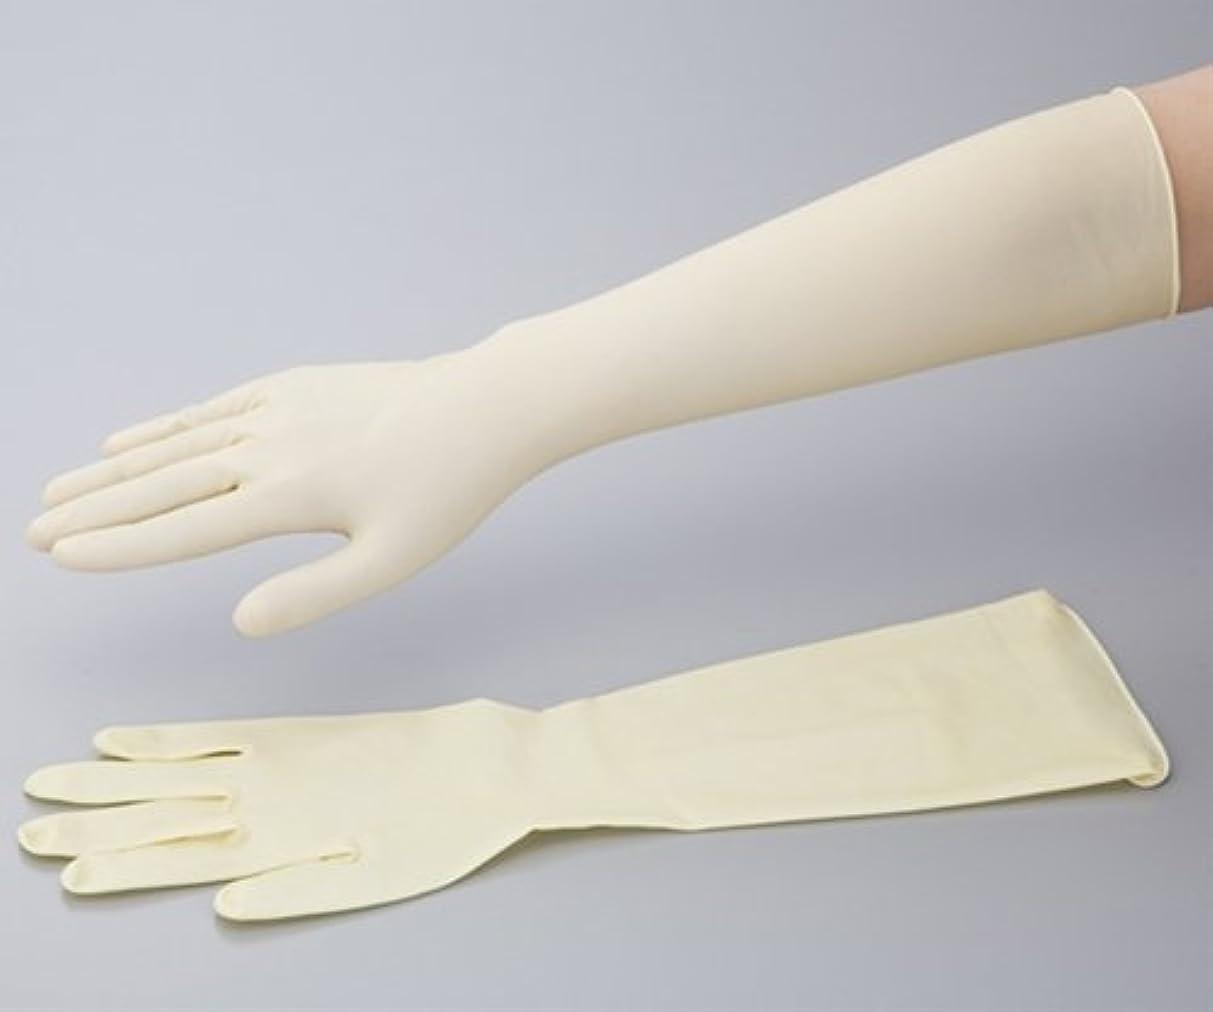 割れ目離す承認するラテックスロング手袋(スーパーロング)γ線滅菌済 S 50枚入り /0-6111-03